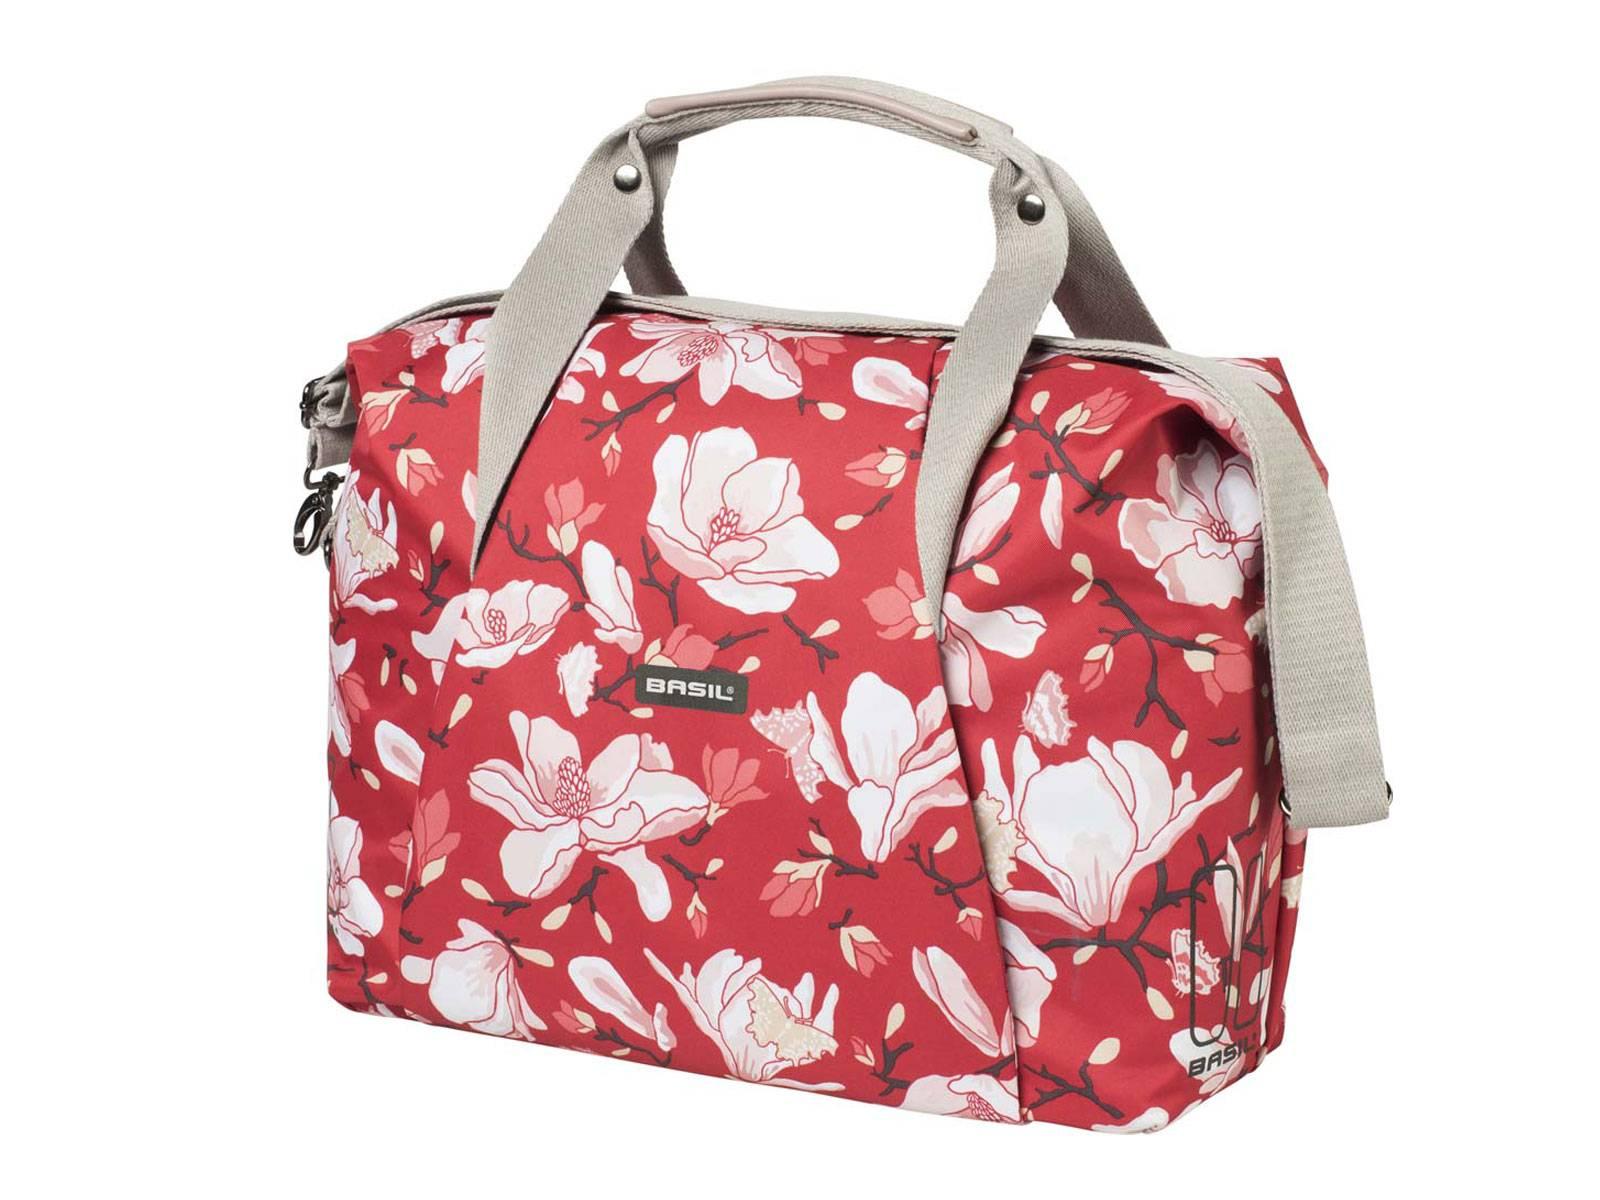 Basil Fahrradtasche Umhängetasche Magnolia Poppy Red